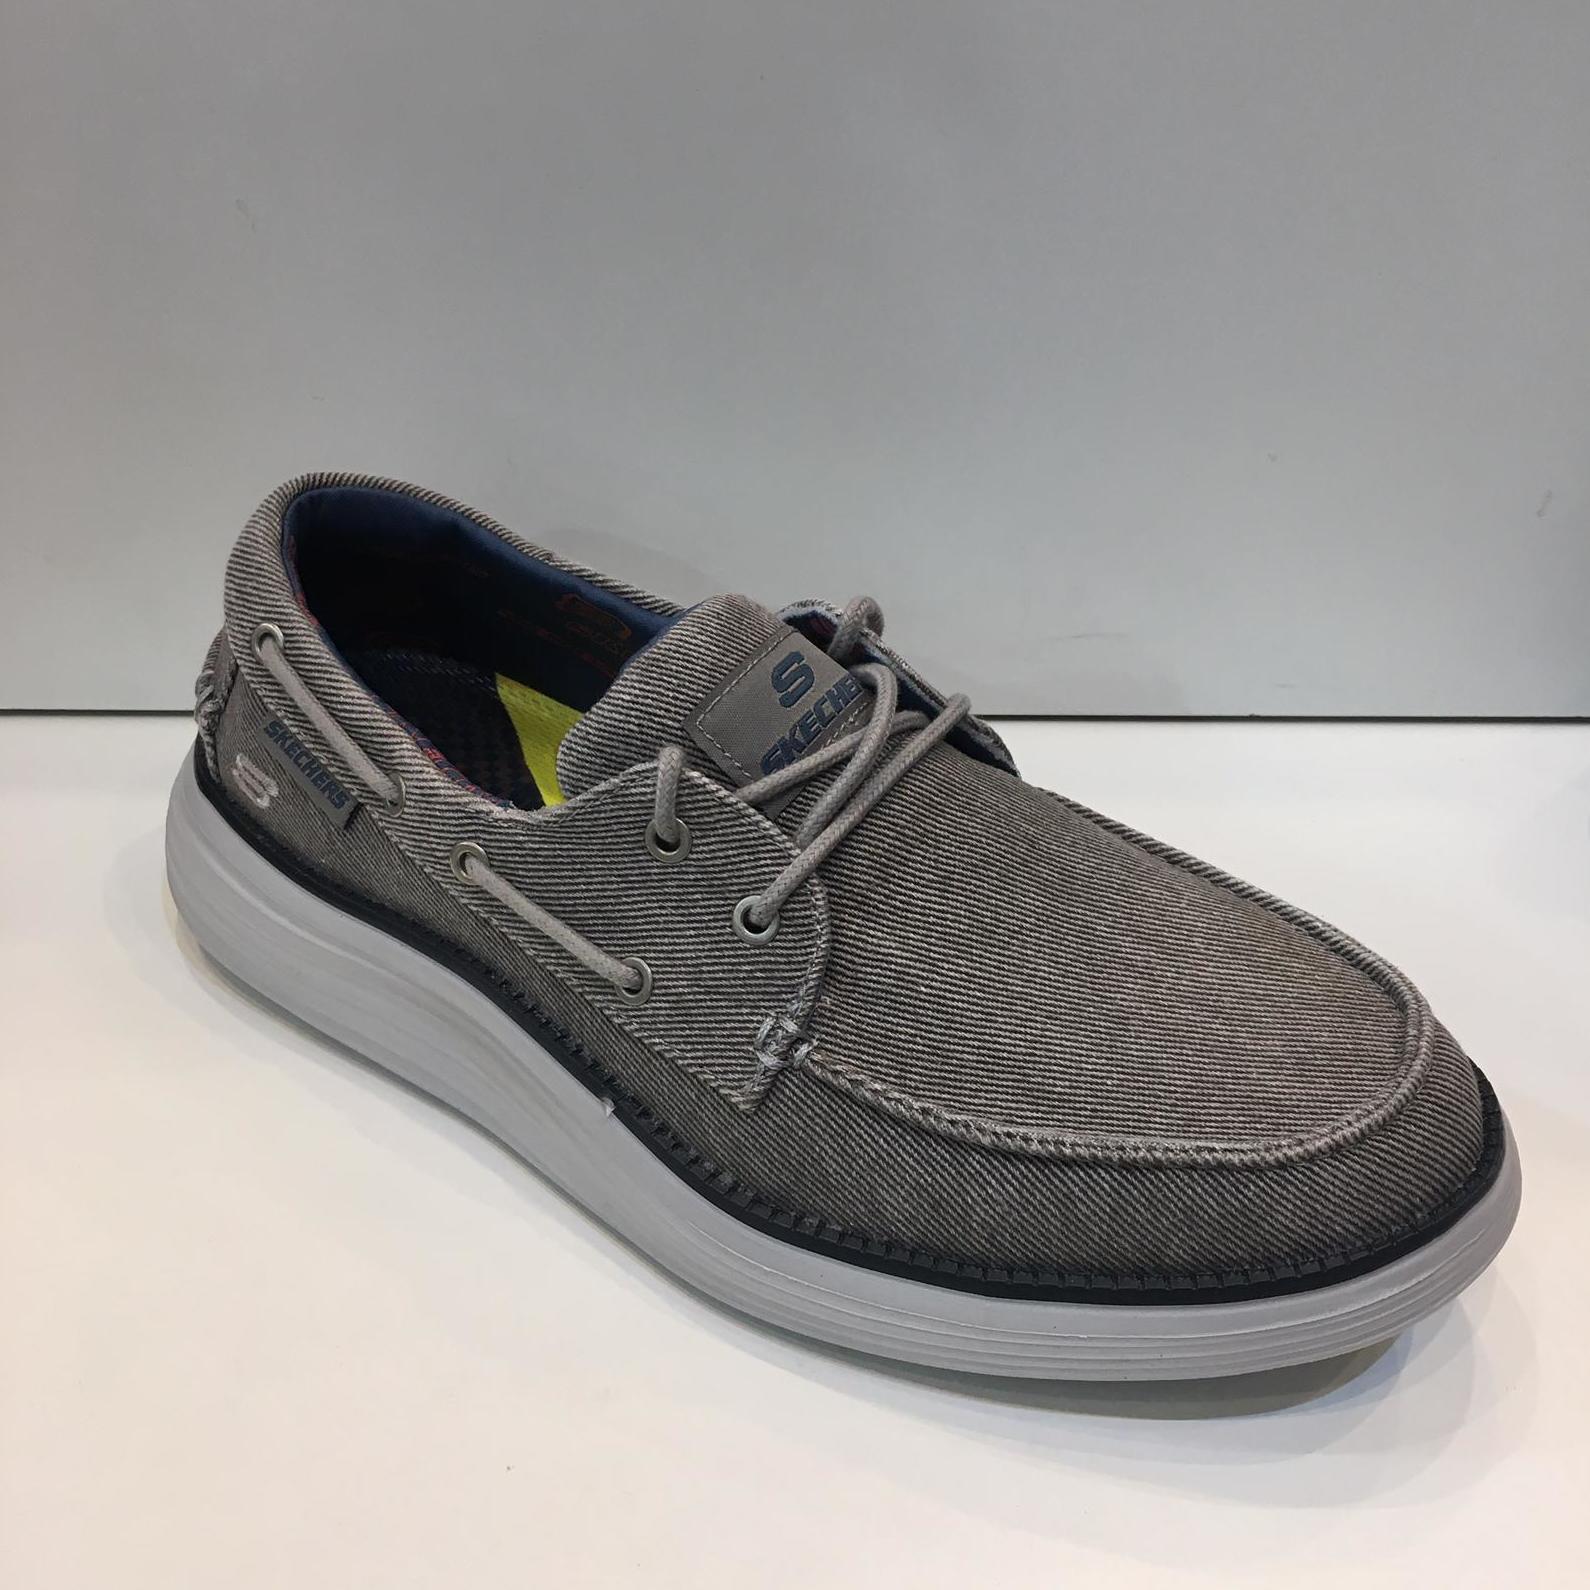 sabata d'home de la marca Skechers, amb plantilla Air-Cooled Memory Foam, sola de resalite 64.95€